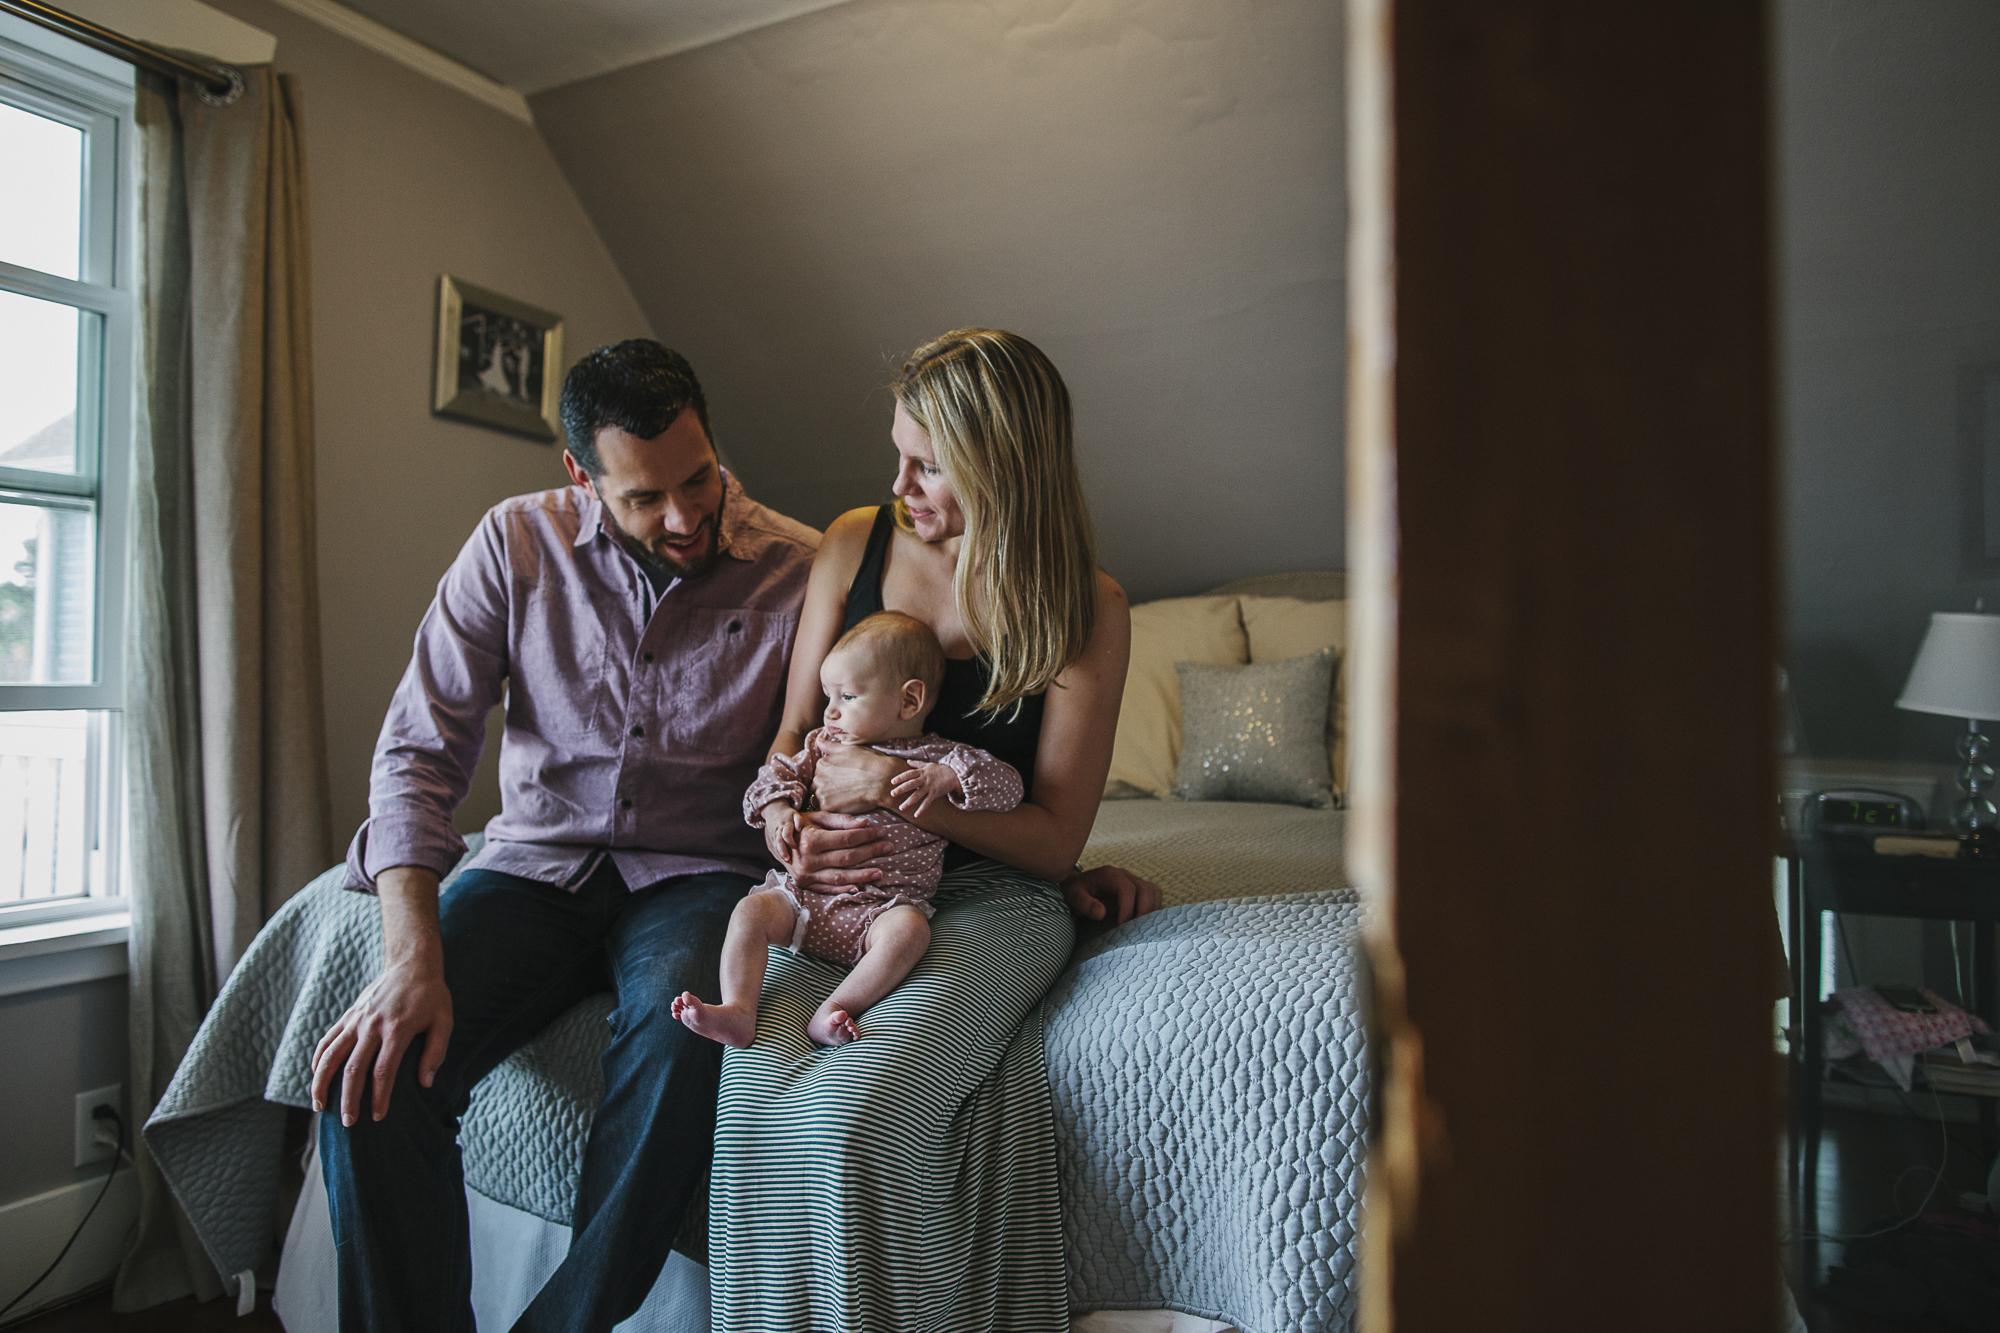 melissa baerwald | documentary family photography | seattle, wa | www.melissabaerwald.com